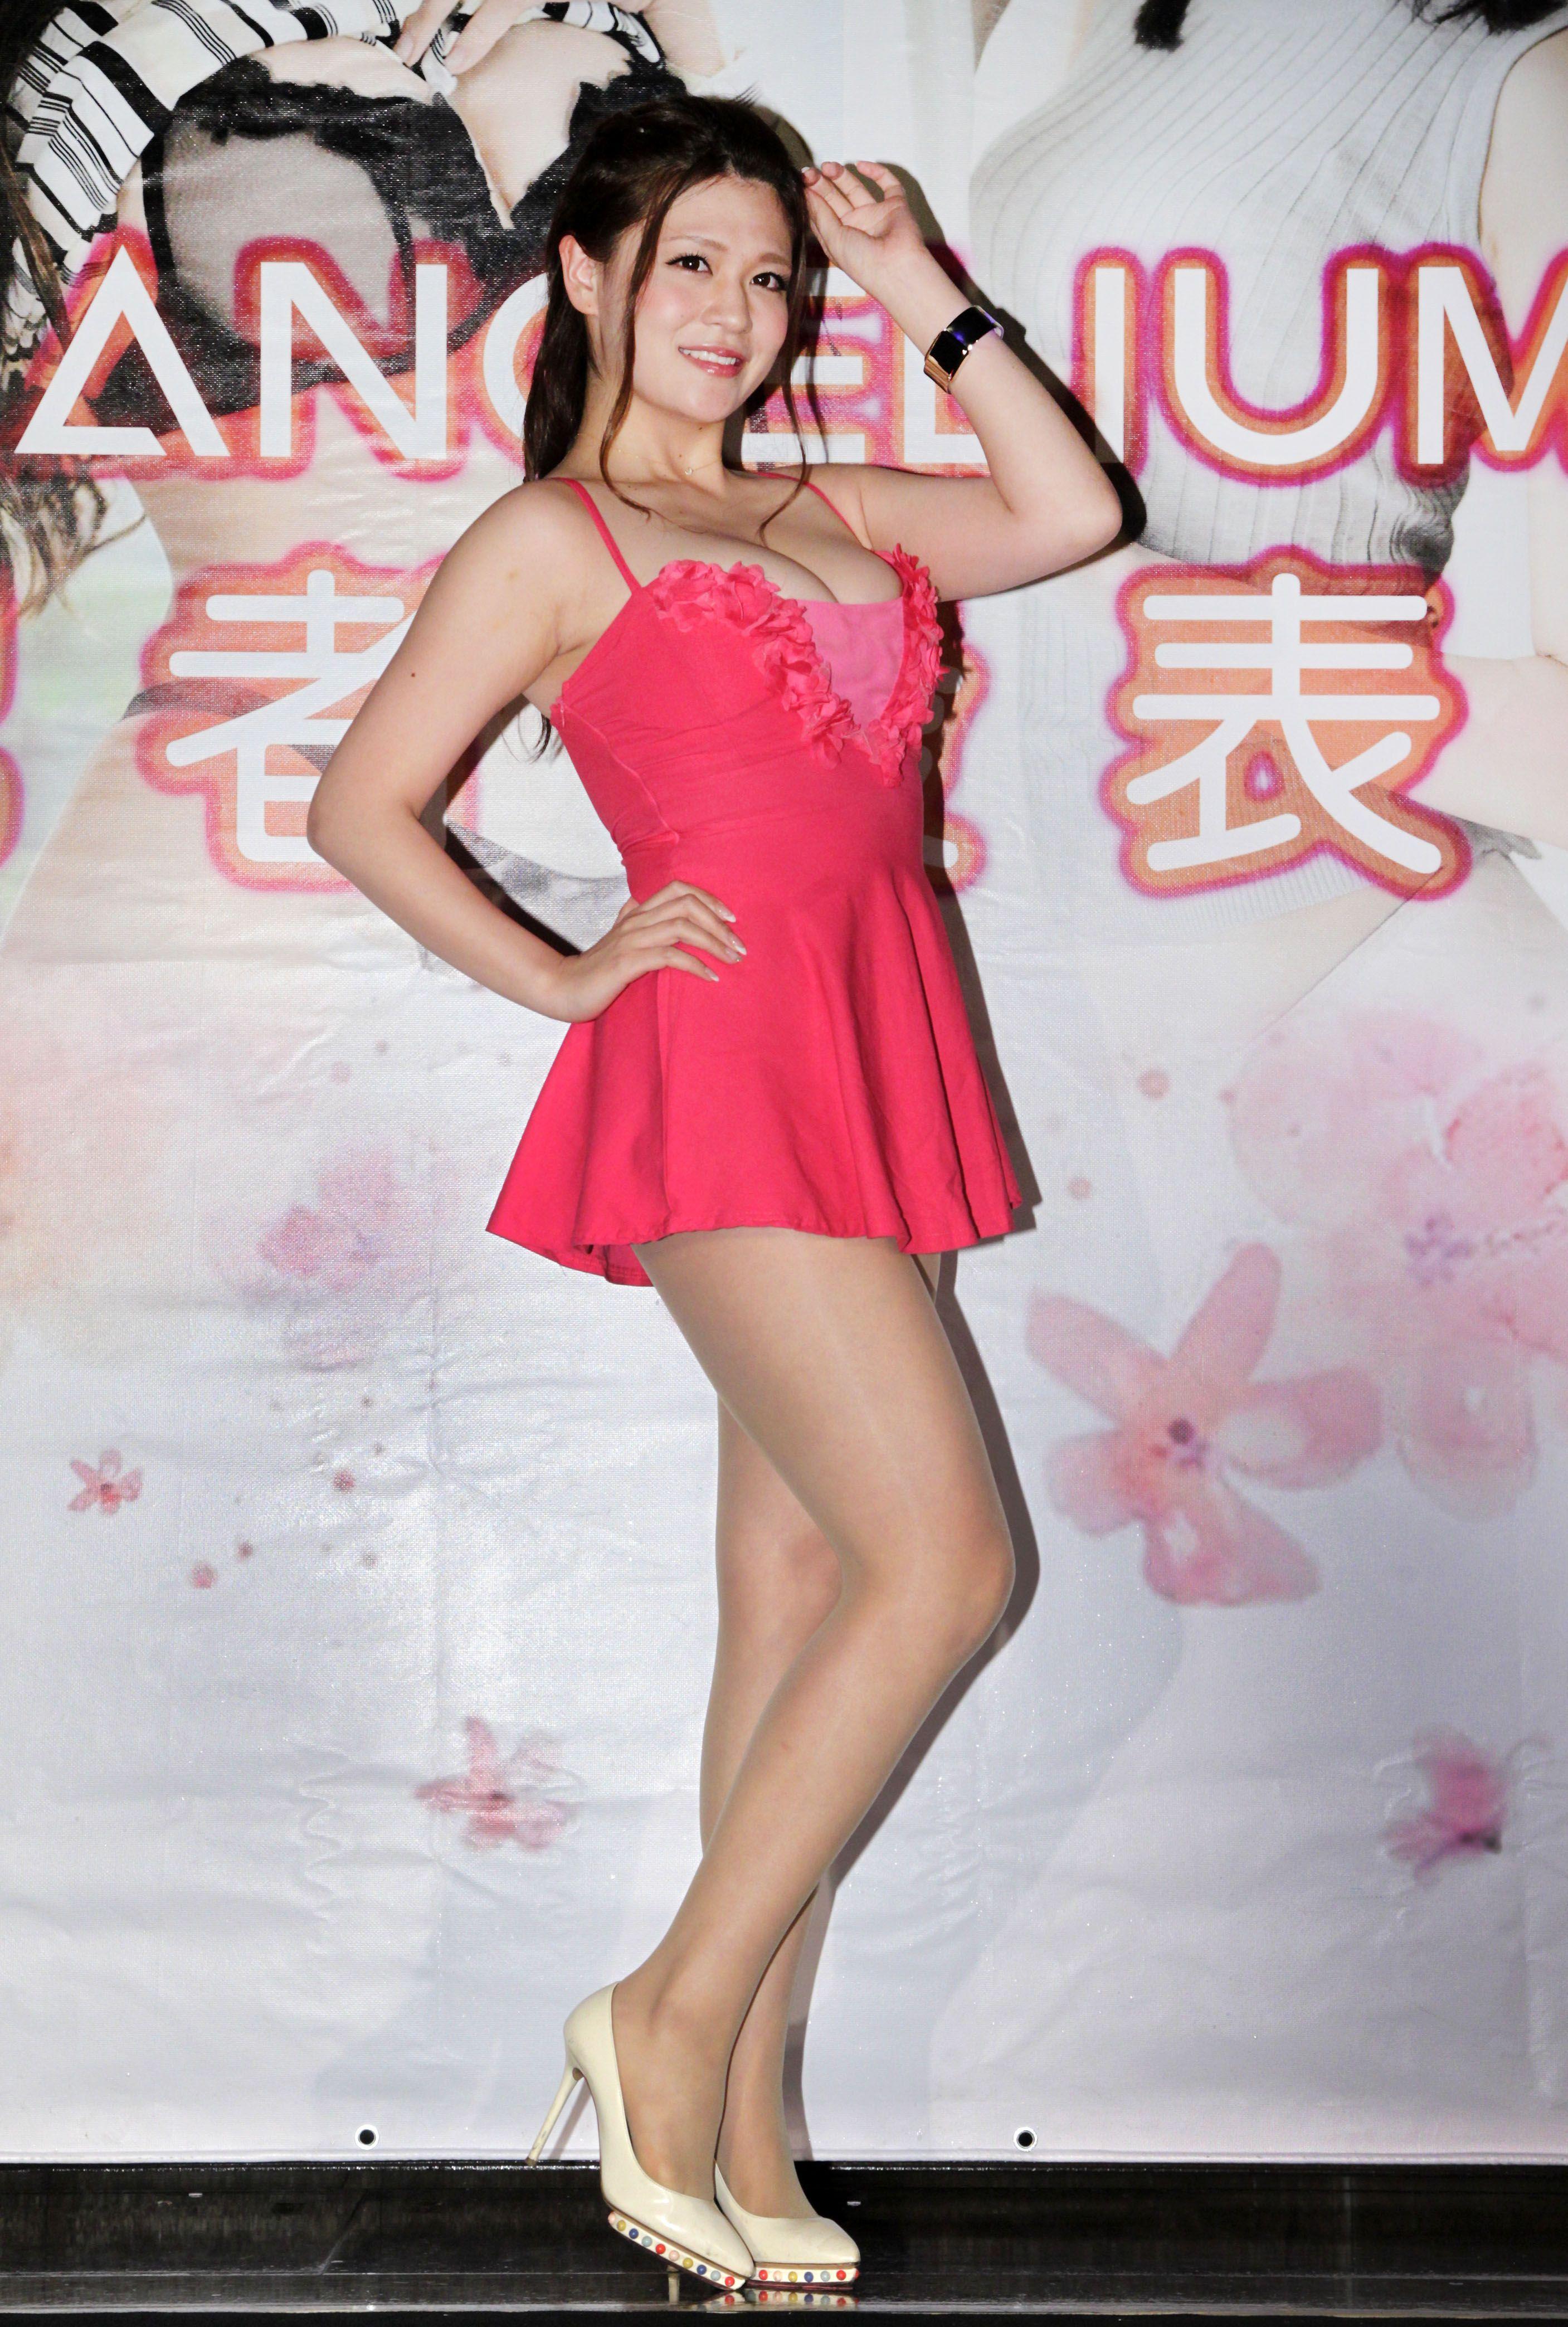 擁有F罩杯的日本AV女優橘瑪麗,喜歡台灣珍珠奶茶。(記者邱榮吉/攝影)